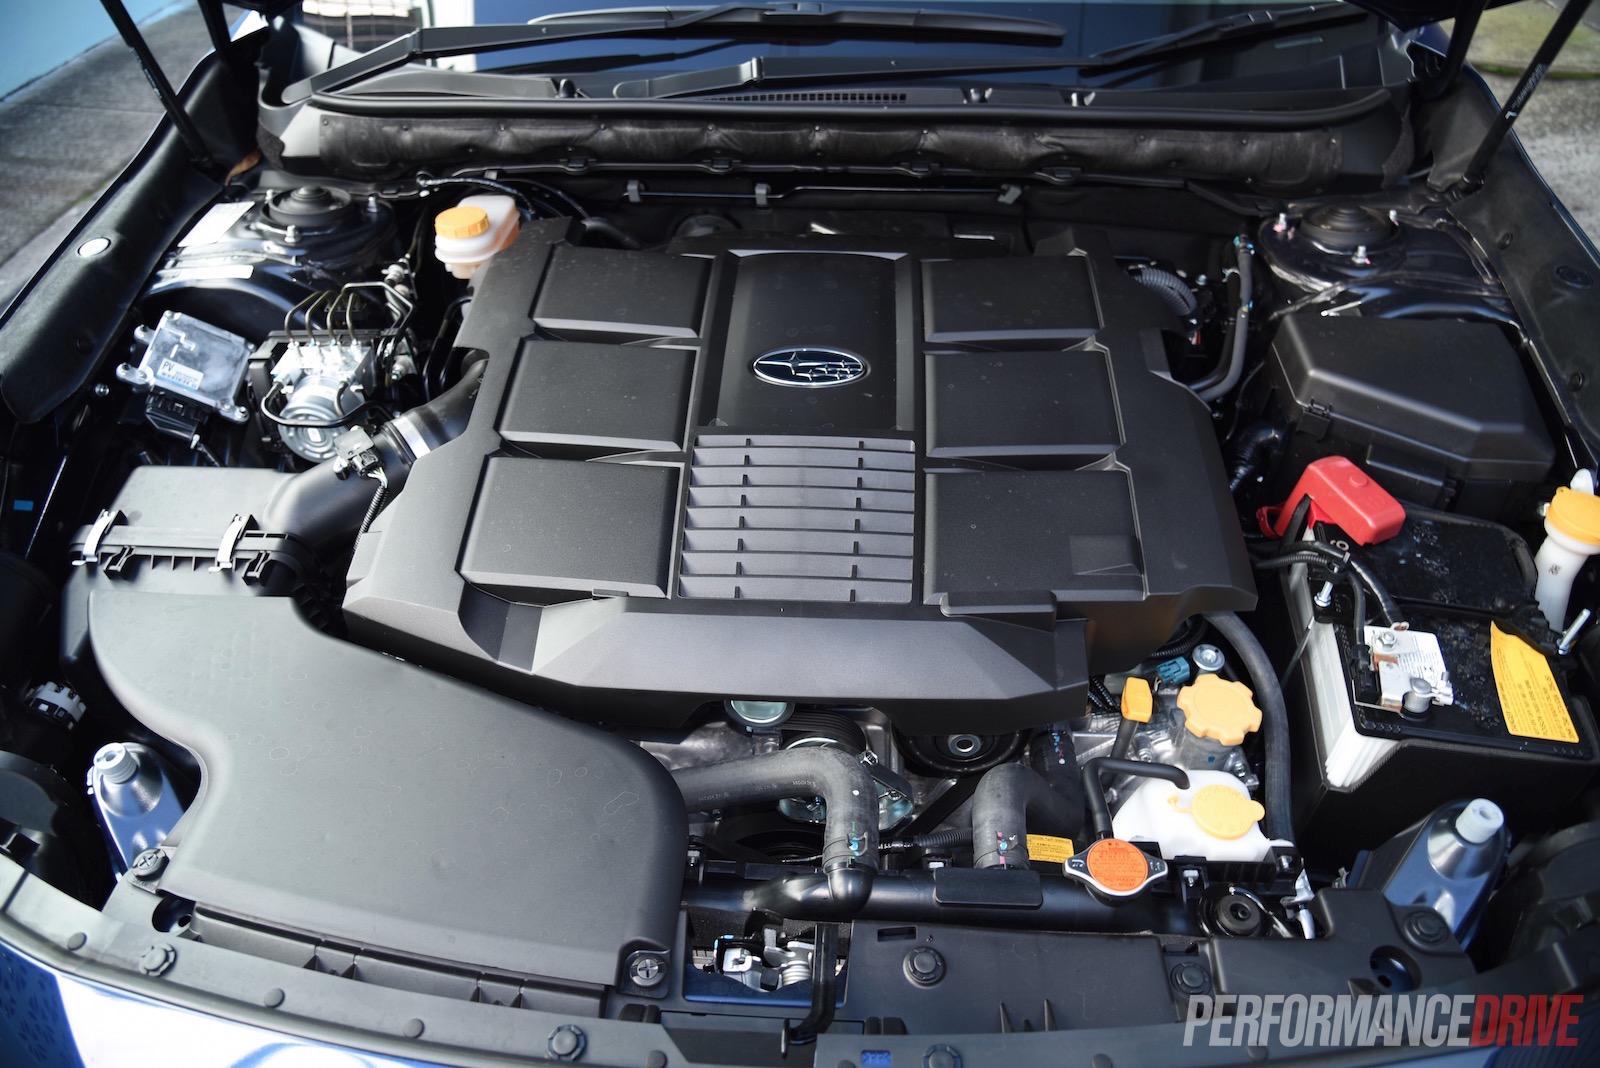 2015 Subaru Liberty 36r Review Video Performancedrive 3 6r Boxer Engine Diagram